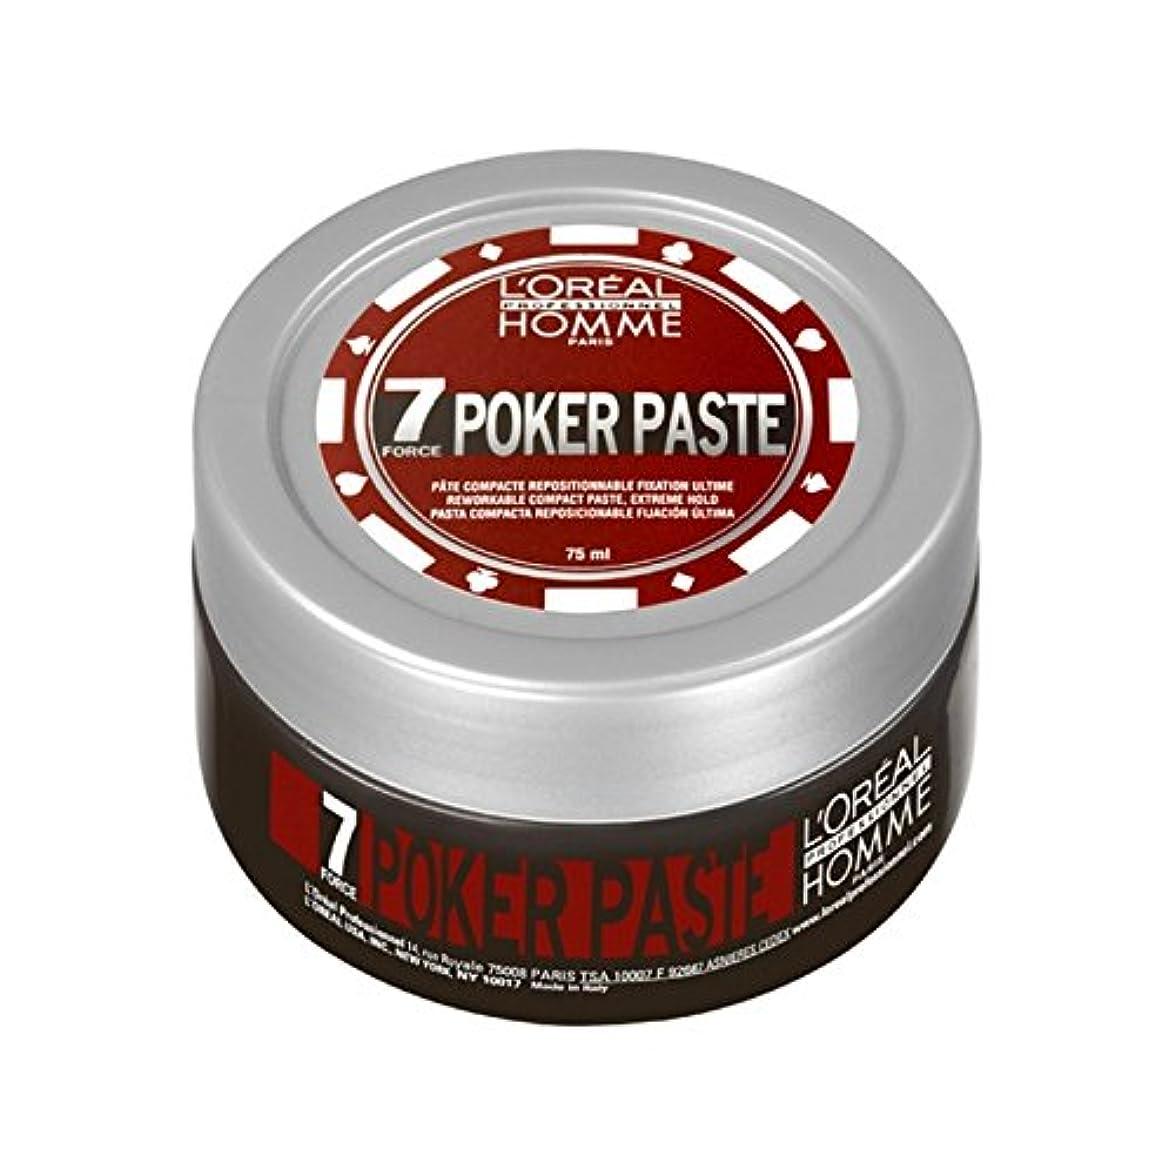 ポンド面囲むロレアルプロオムポーカーペースト(75ミリリットル) x2 - L'Oreal Professional Homme Poker Paste (75ml) (Pack of 2) [並行輸入品]